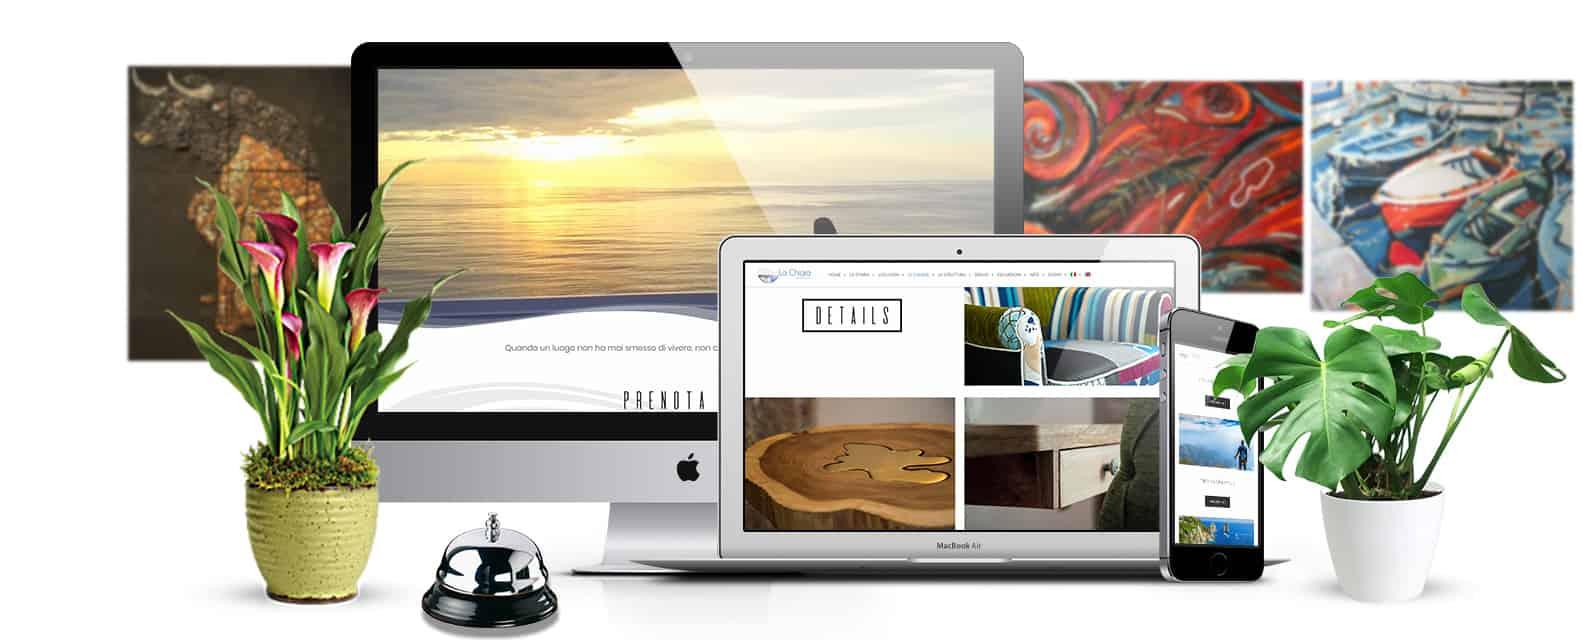 creazione sito web per albergo , hotel - La chiaja Art&relais Castellammare di stabia, Napoli